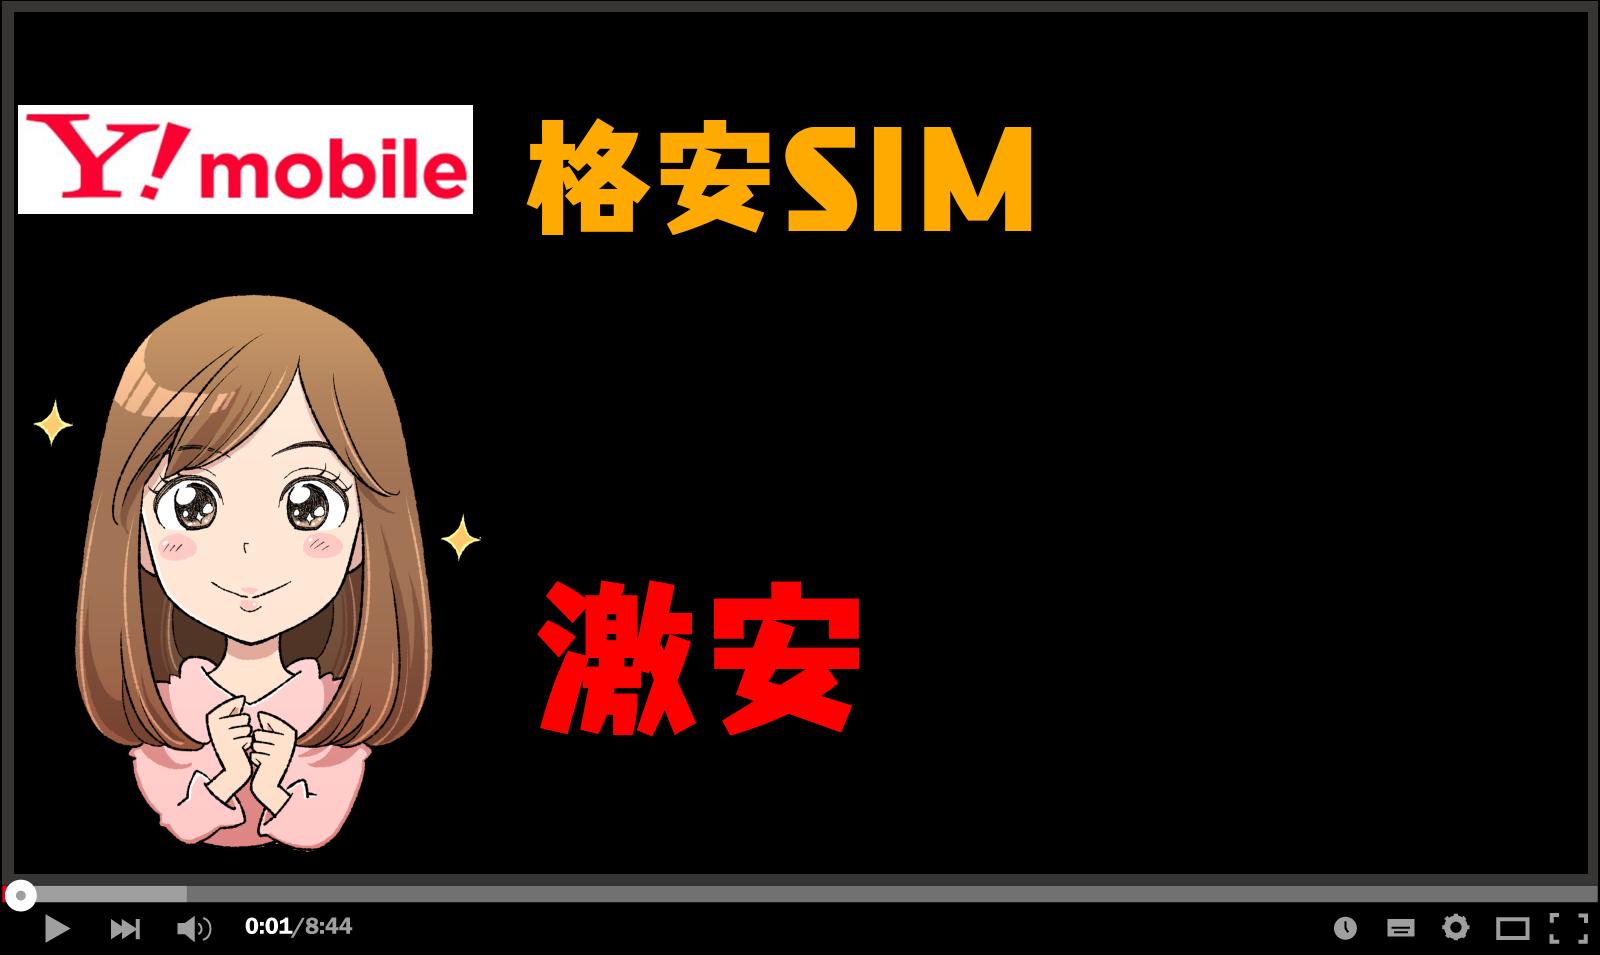 格安SIMにしたら毎月の携帯代が激安になった